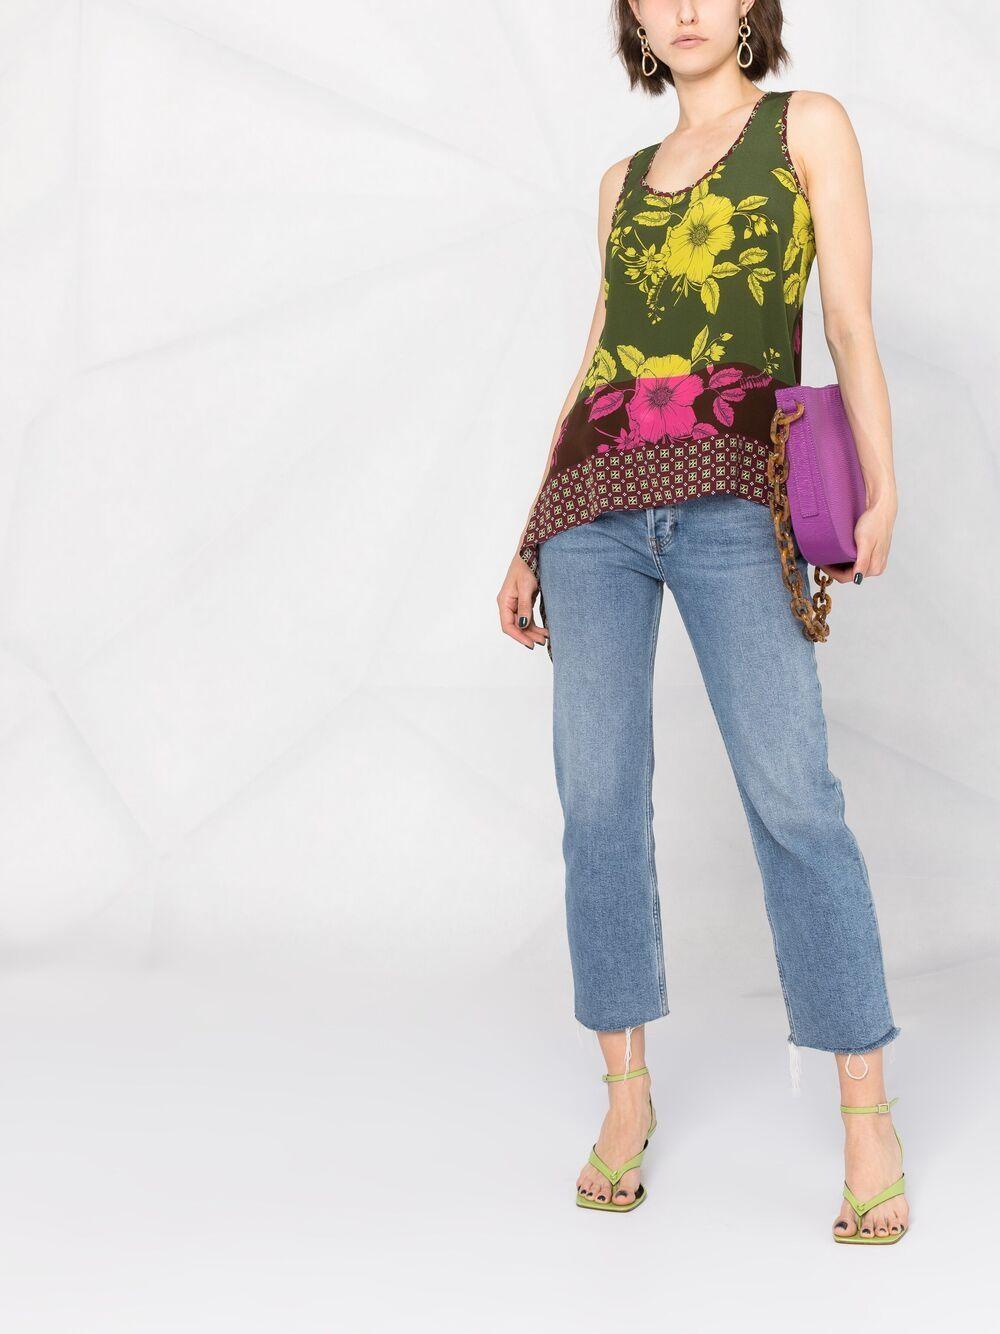 Canotta con scollo a V in seta multicolore con stampa floreale astratta P.A.R.O.S.H. | Camicie | D311293-SAFIX807